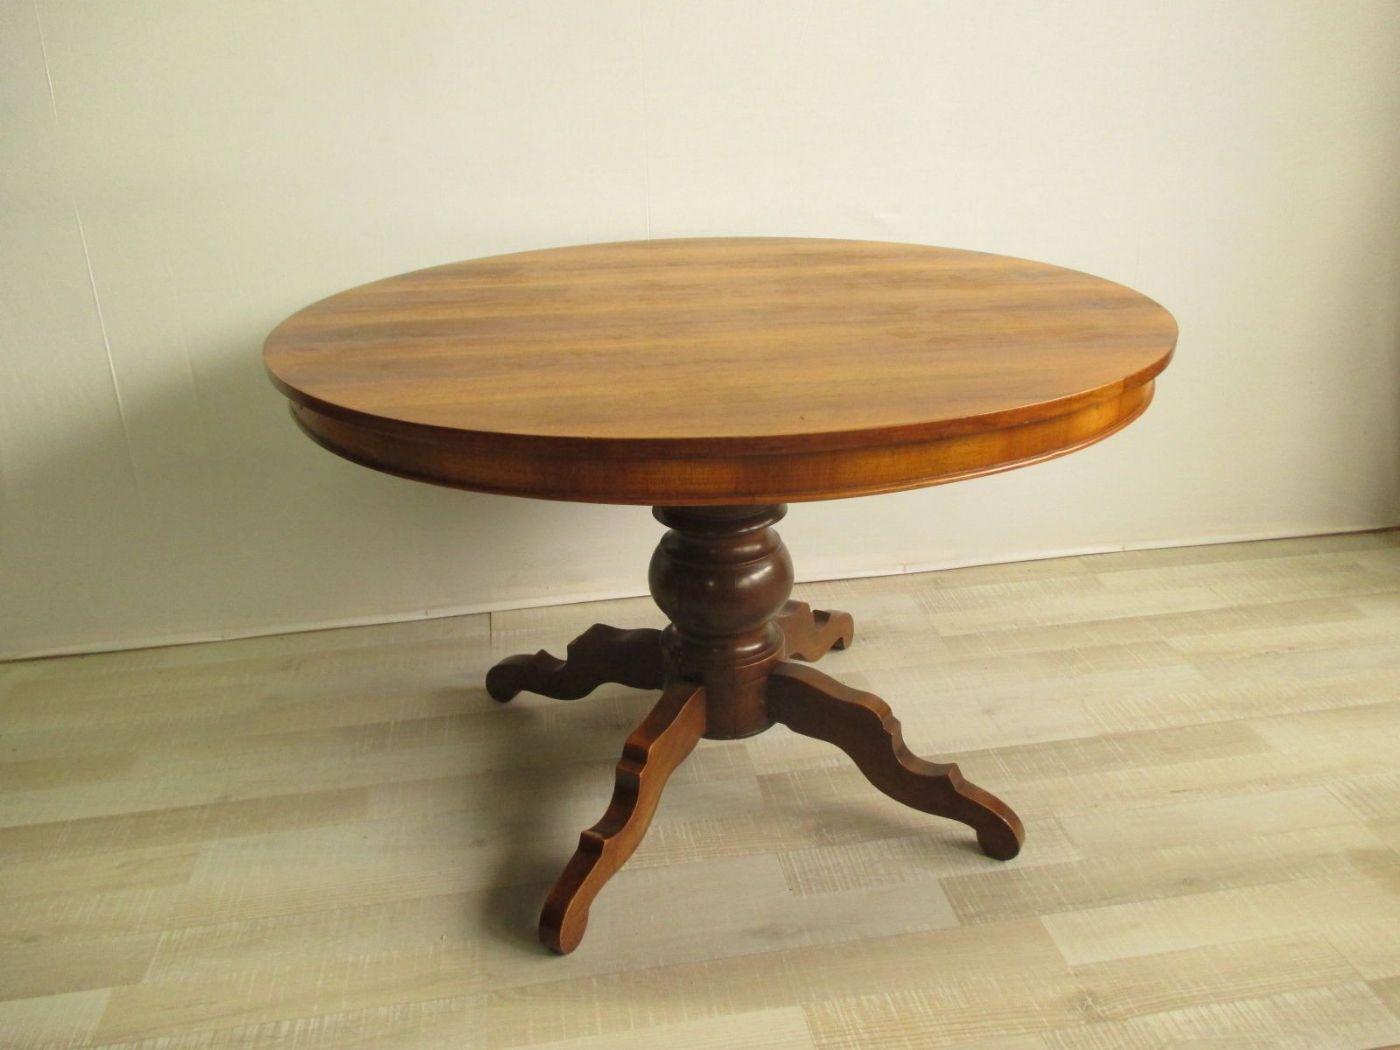 Tavolo Con Gamba Centrale Allungabile tavolo tondo-rotondo allungabile noce - lastronato epoca 900